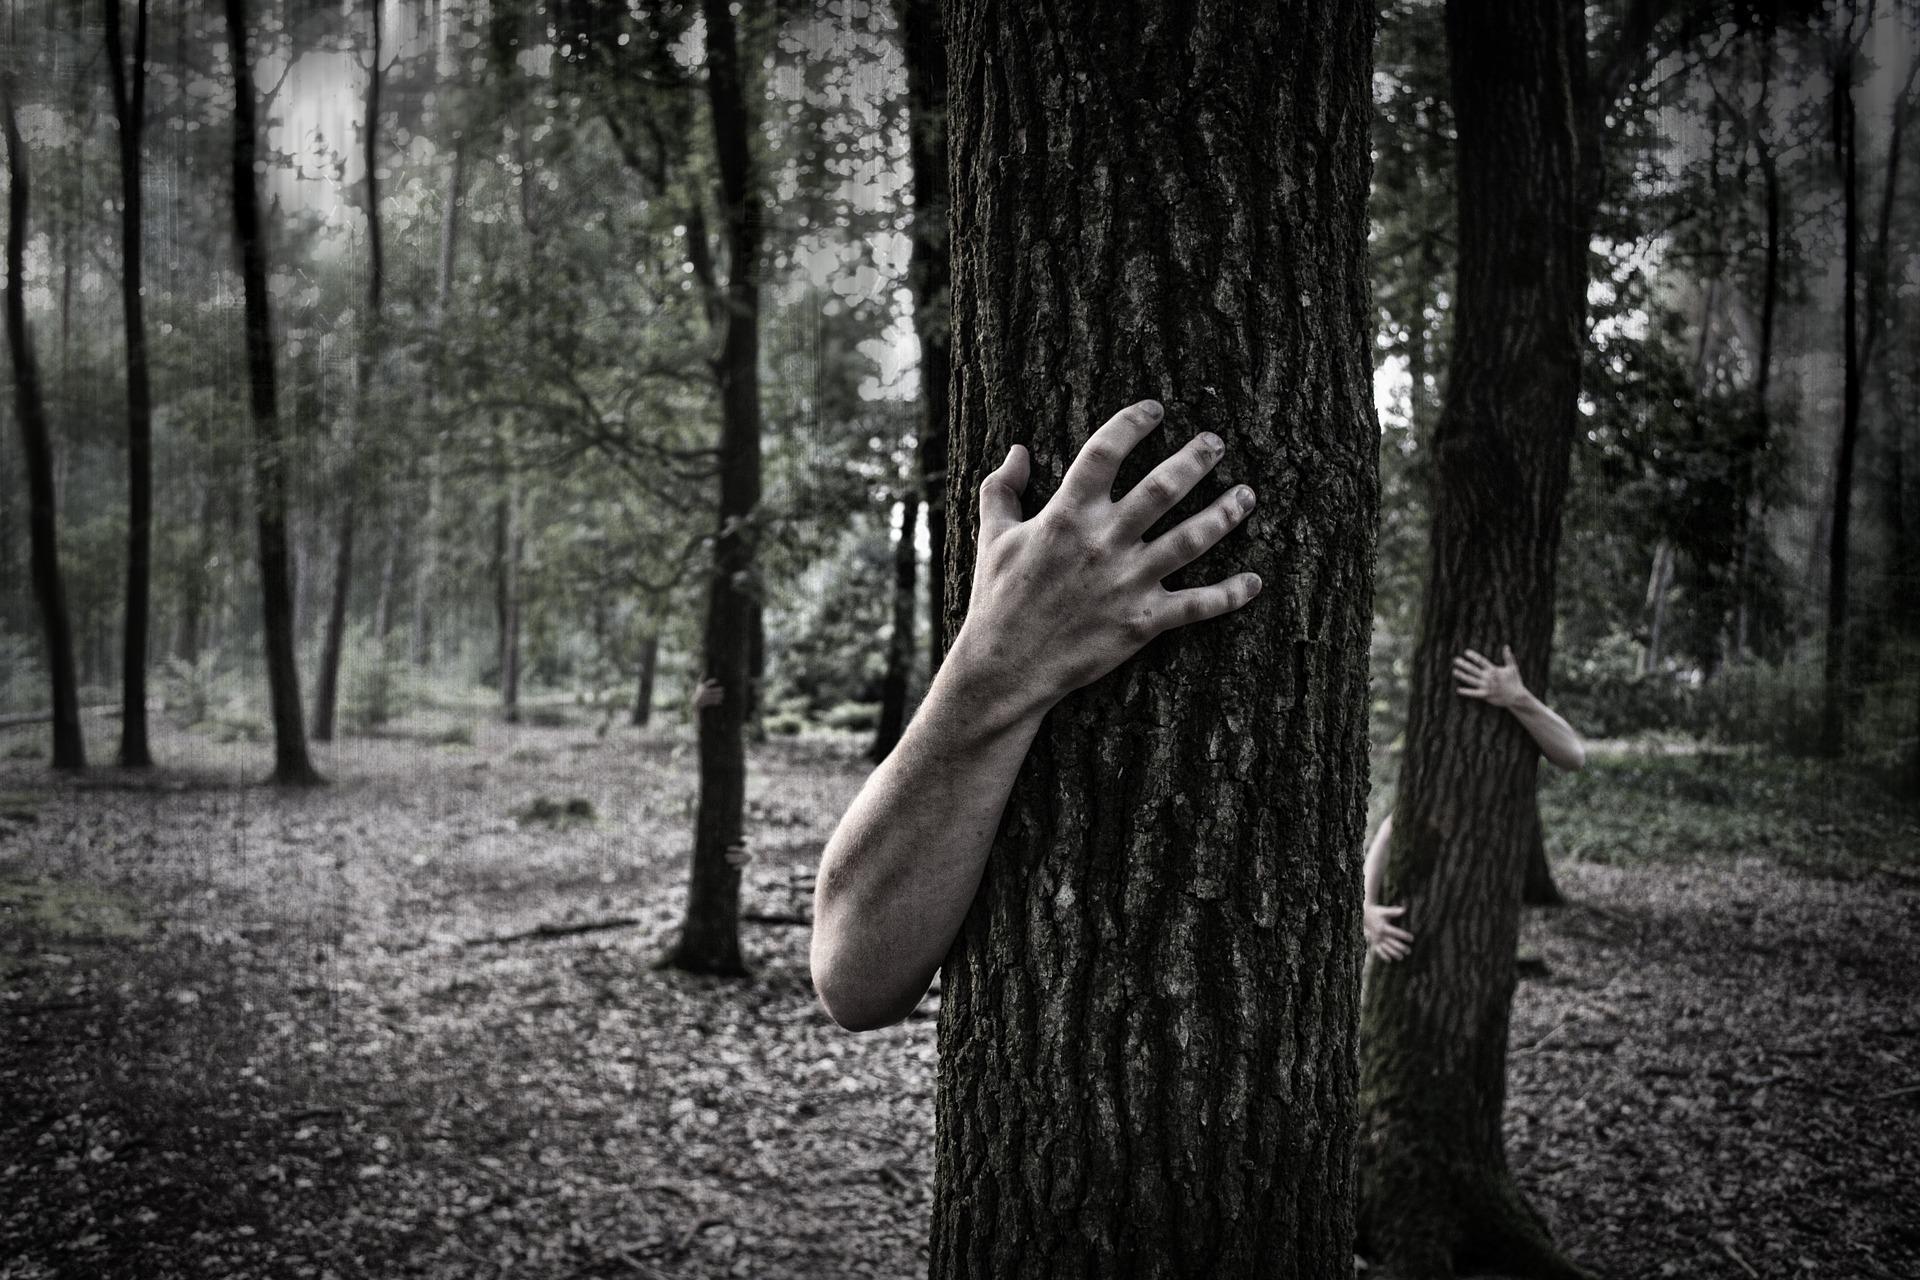 Personas bloqueadas por el miedo